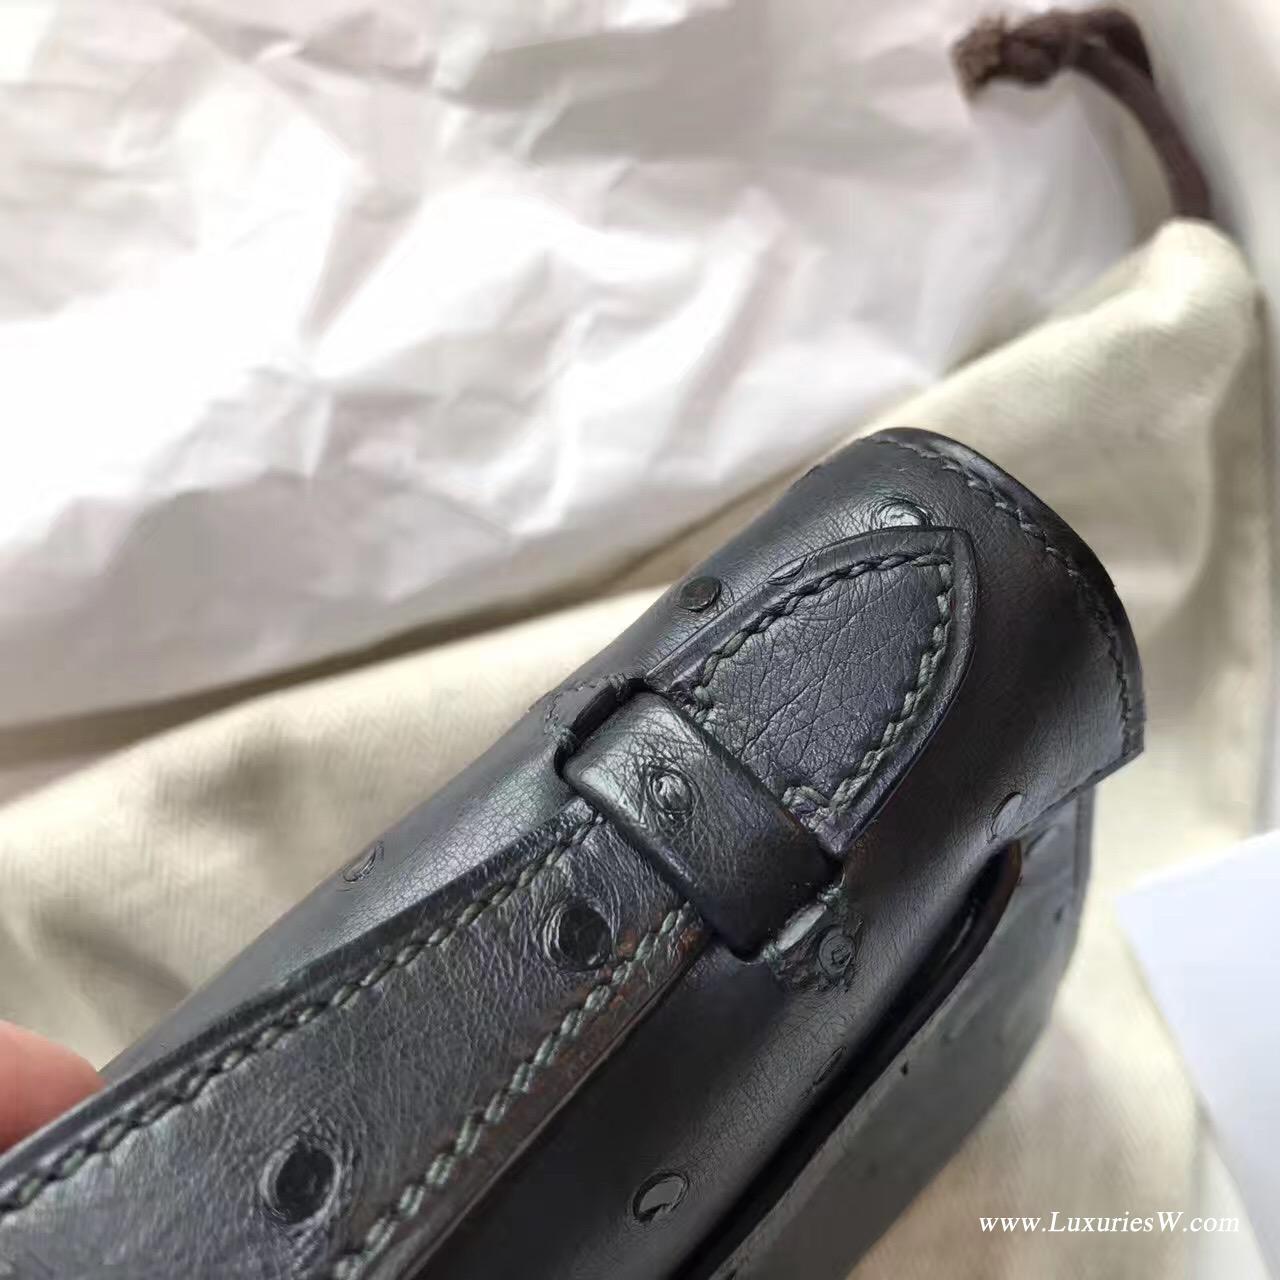 愛馬仕Hermes mini Kelly壹代 8F Etain 锡器灰鸵鸟 比大象灰 银色金属